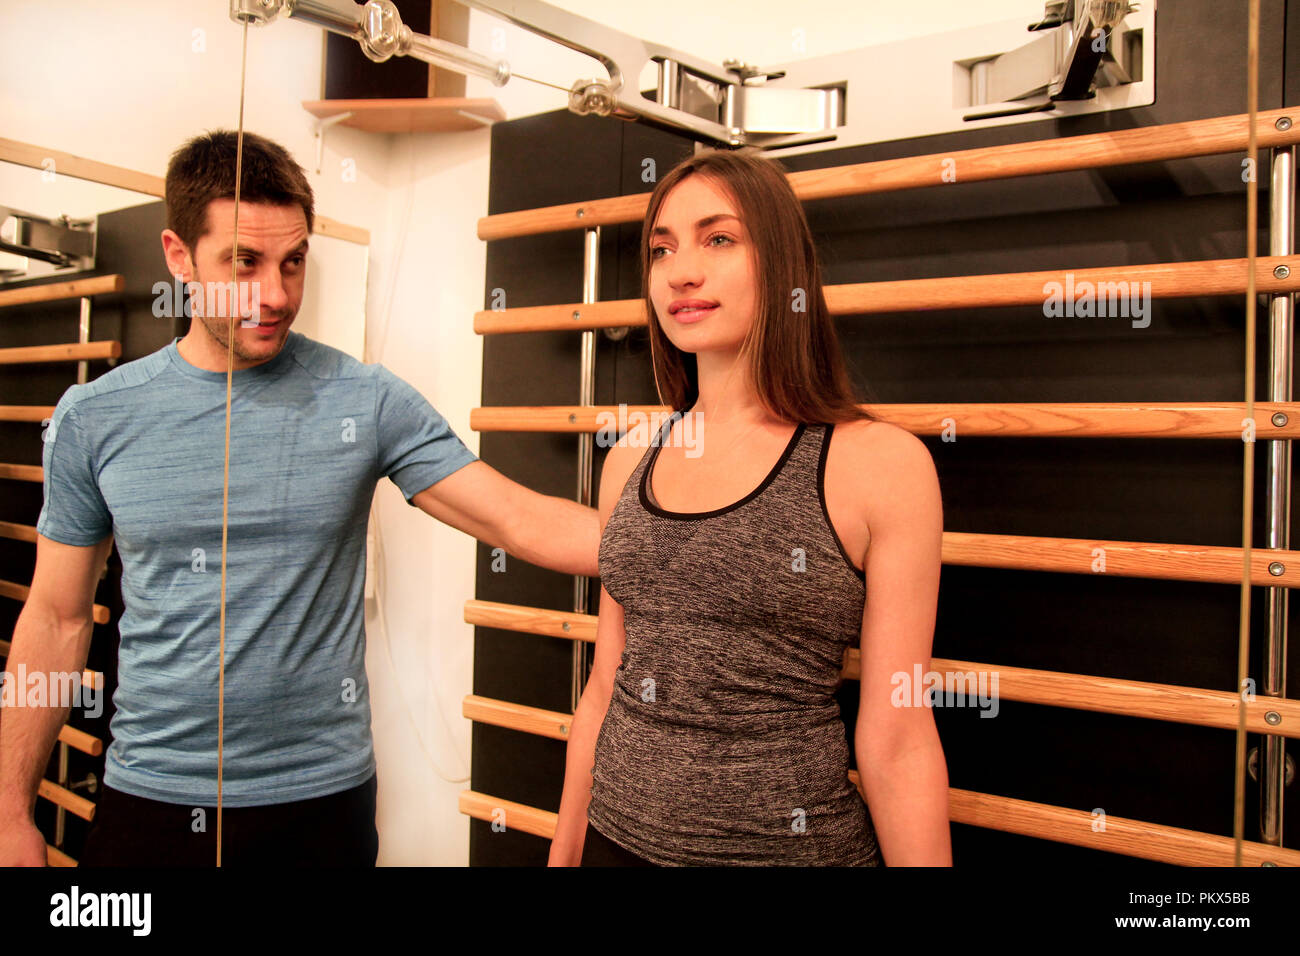 Mujer joven ejercicio en un gimnasio con la ayuda de su entrenador personal en tecnología kinesis correas de máquina en el gimnasio. Deporte, fitness Imagen De Stock